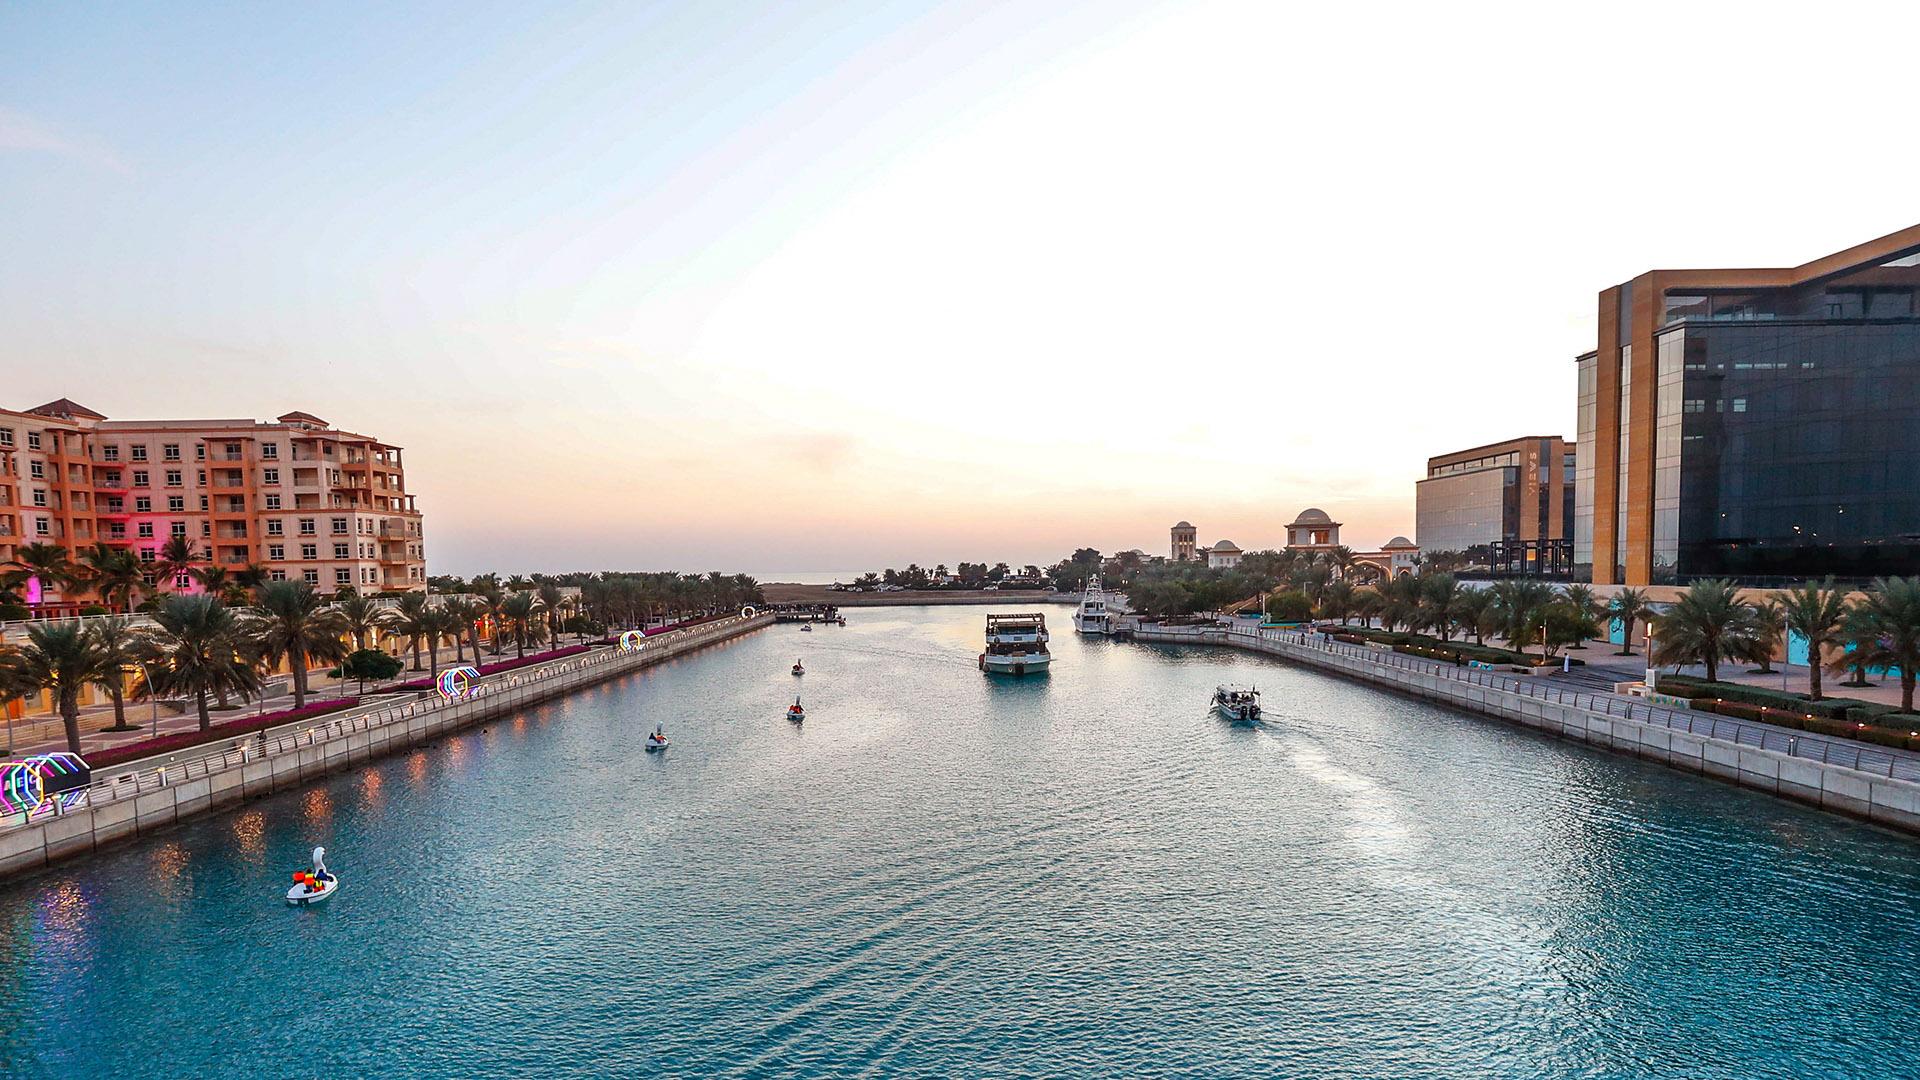 السياحة في مدينة الملك عبد الله الاقتصادية الشواطئ السعودية وغو كارتينج والمزيد غيرها الموقع الرسمي للسياحة السعودية